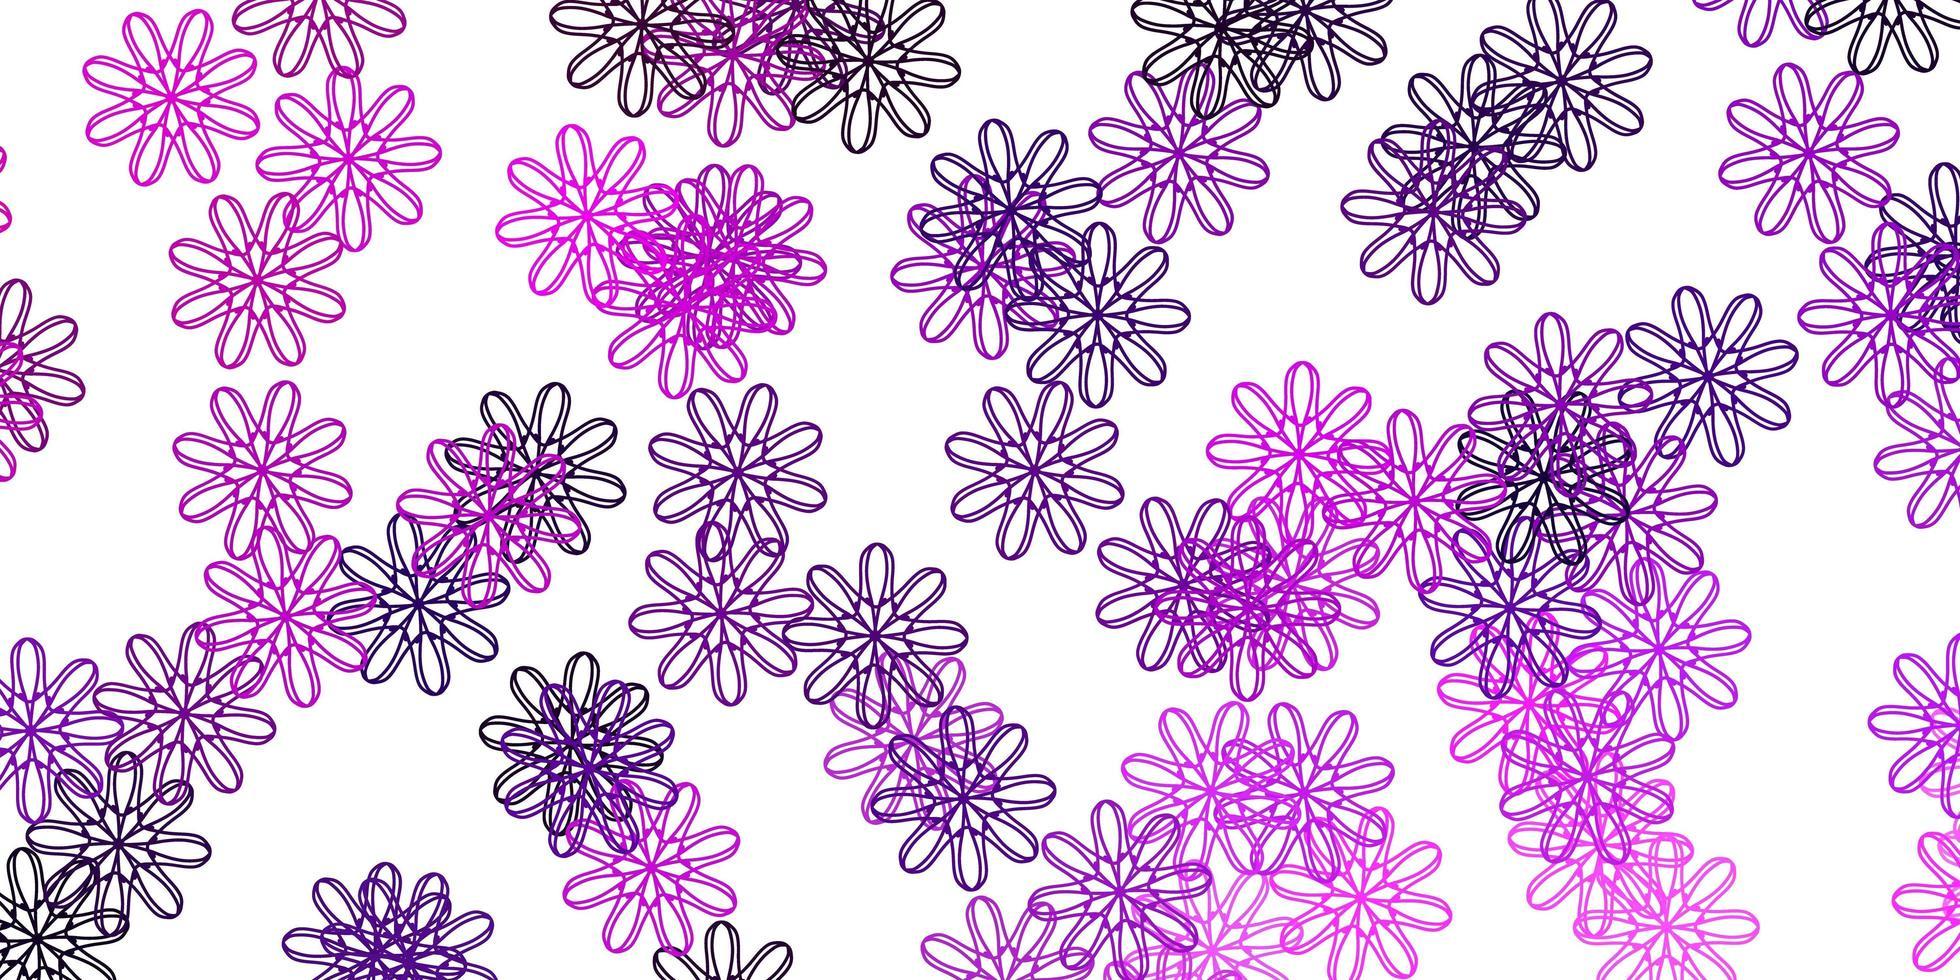 ljuslila, rosa vektor doodle textur med blommor.